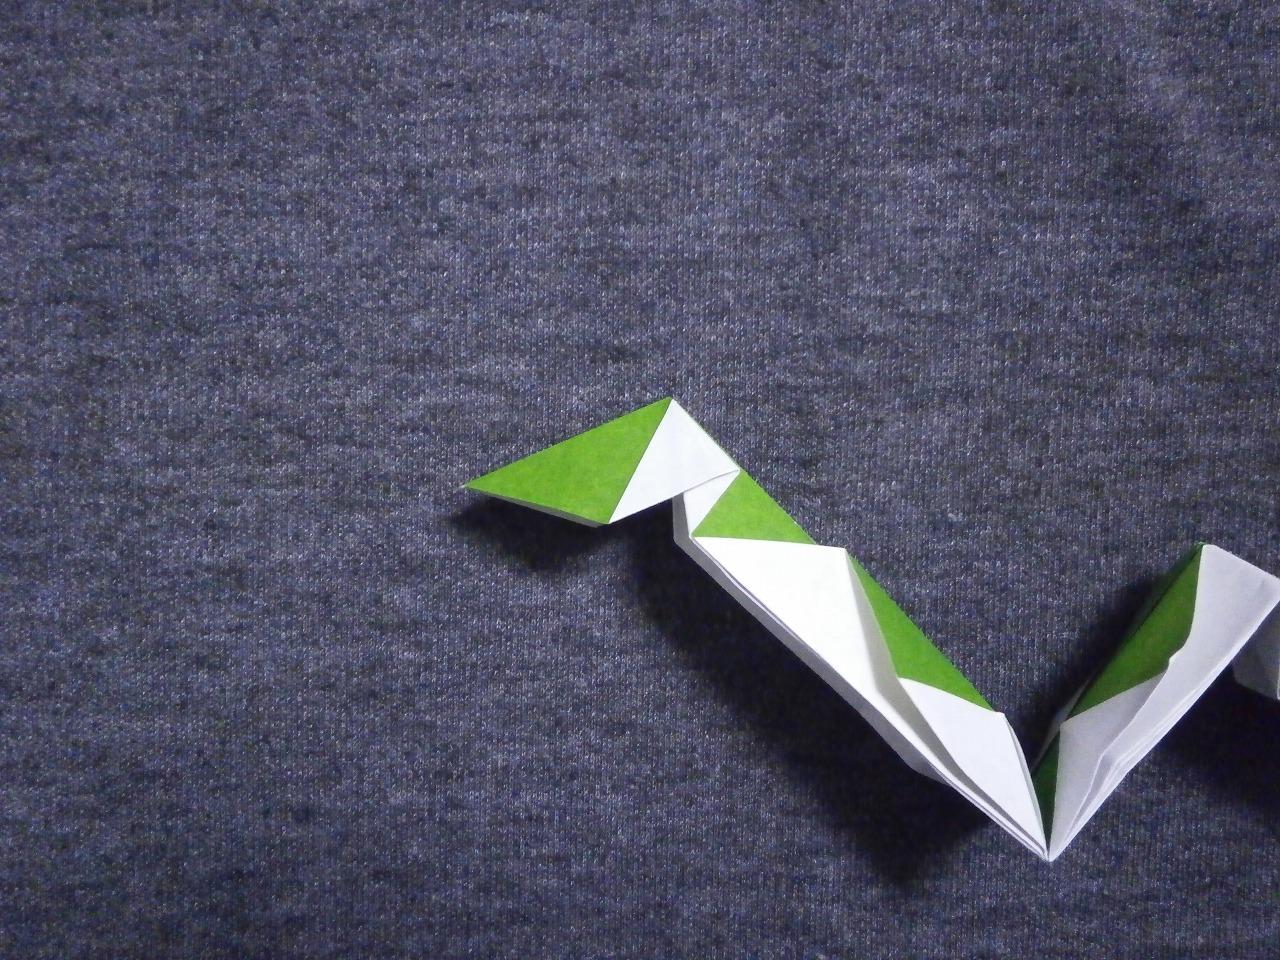 KATAKOTO ORIGAMI: How to fold an origami snake - photo#8